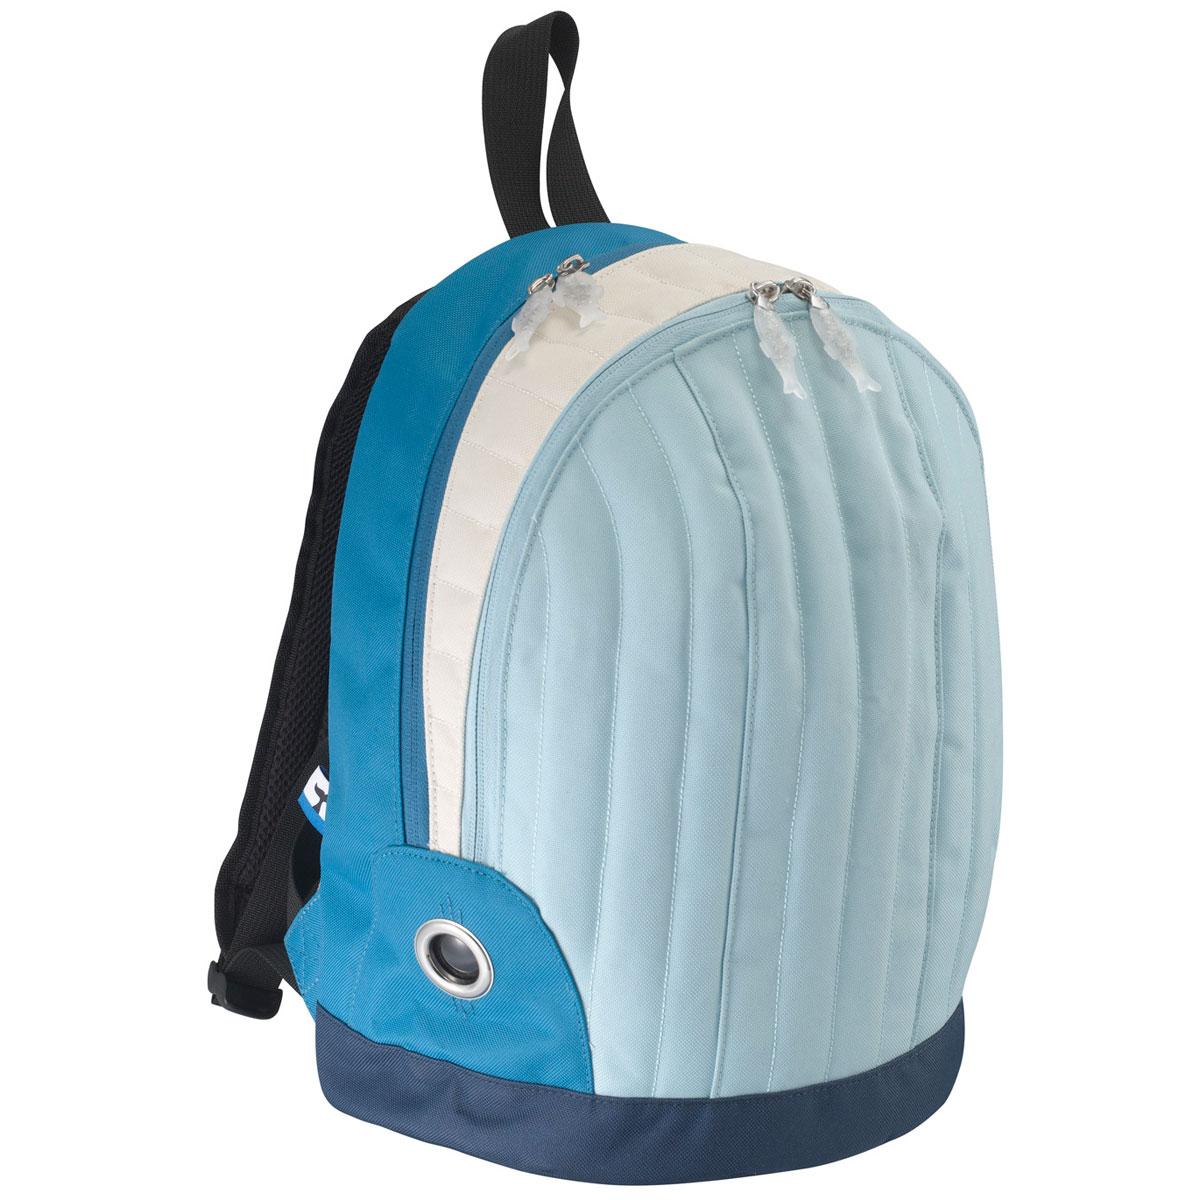 リュック MORN CREATIONS シロナガス バックパック M ザック リュックサック モーンクリエイションズ リュック クジラ Mサイズ ブルー